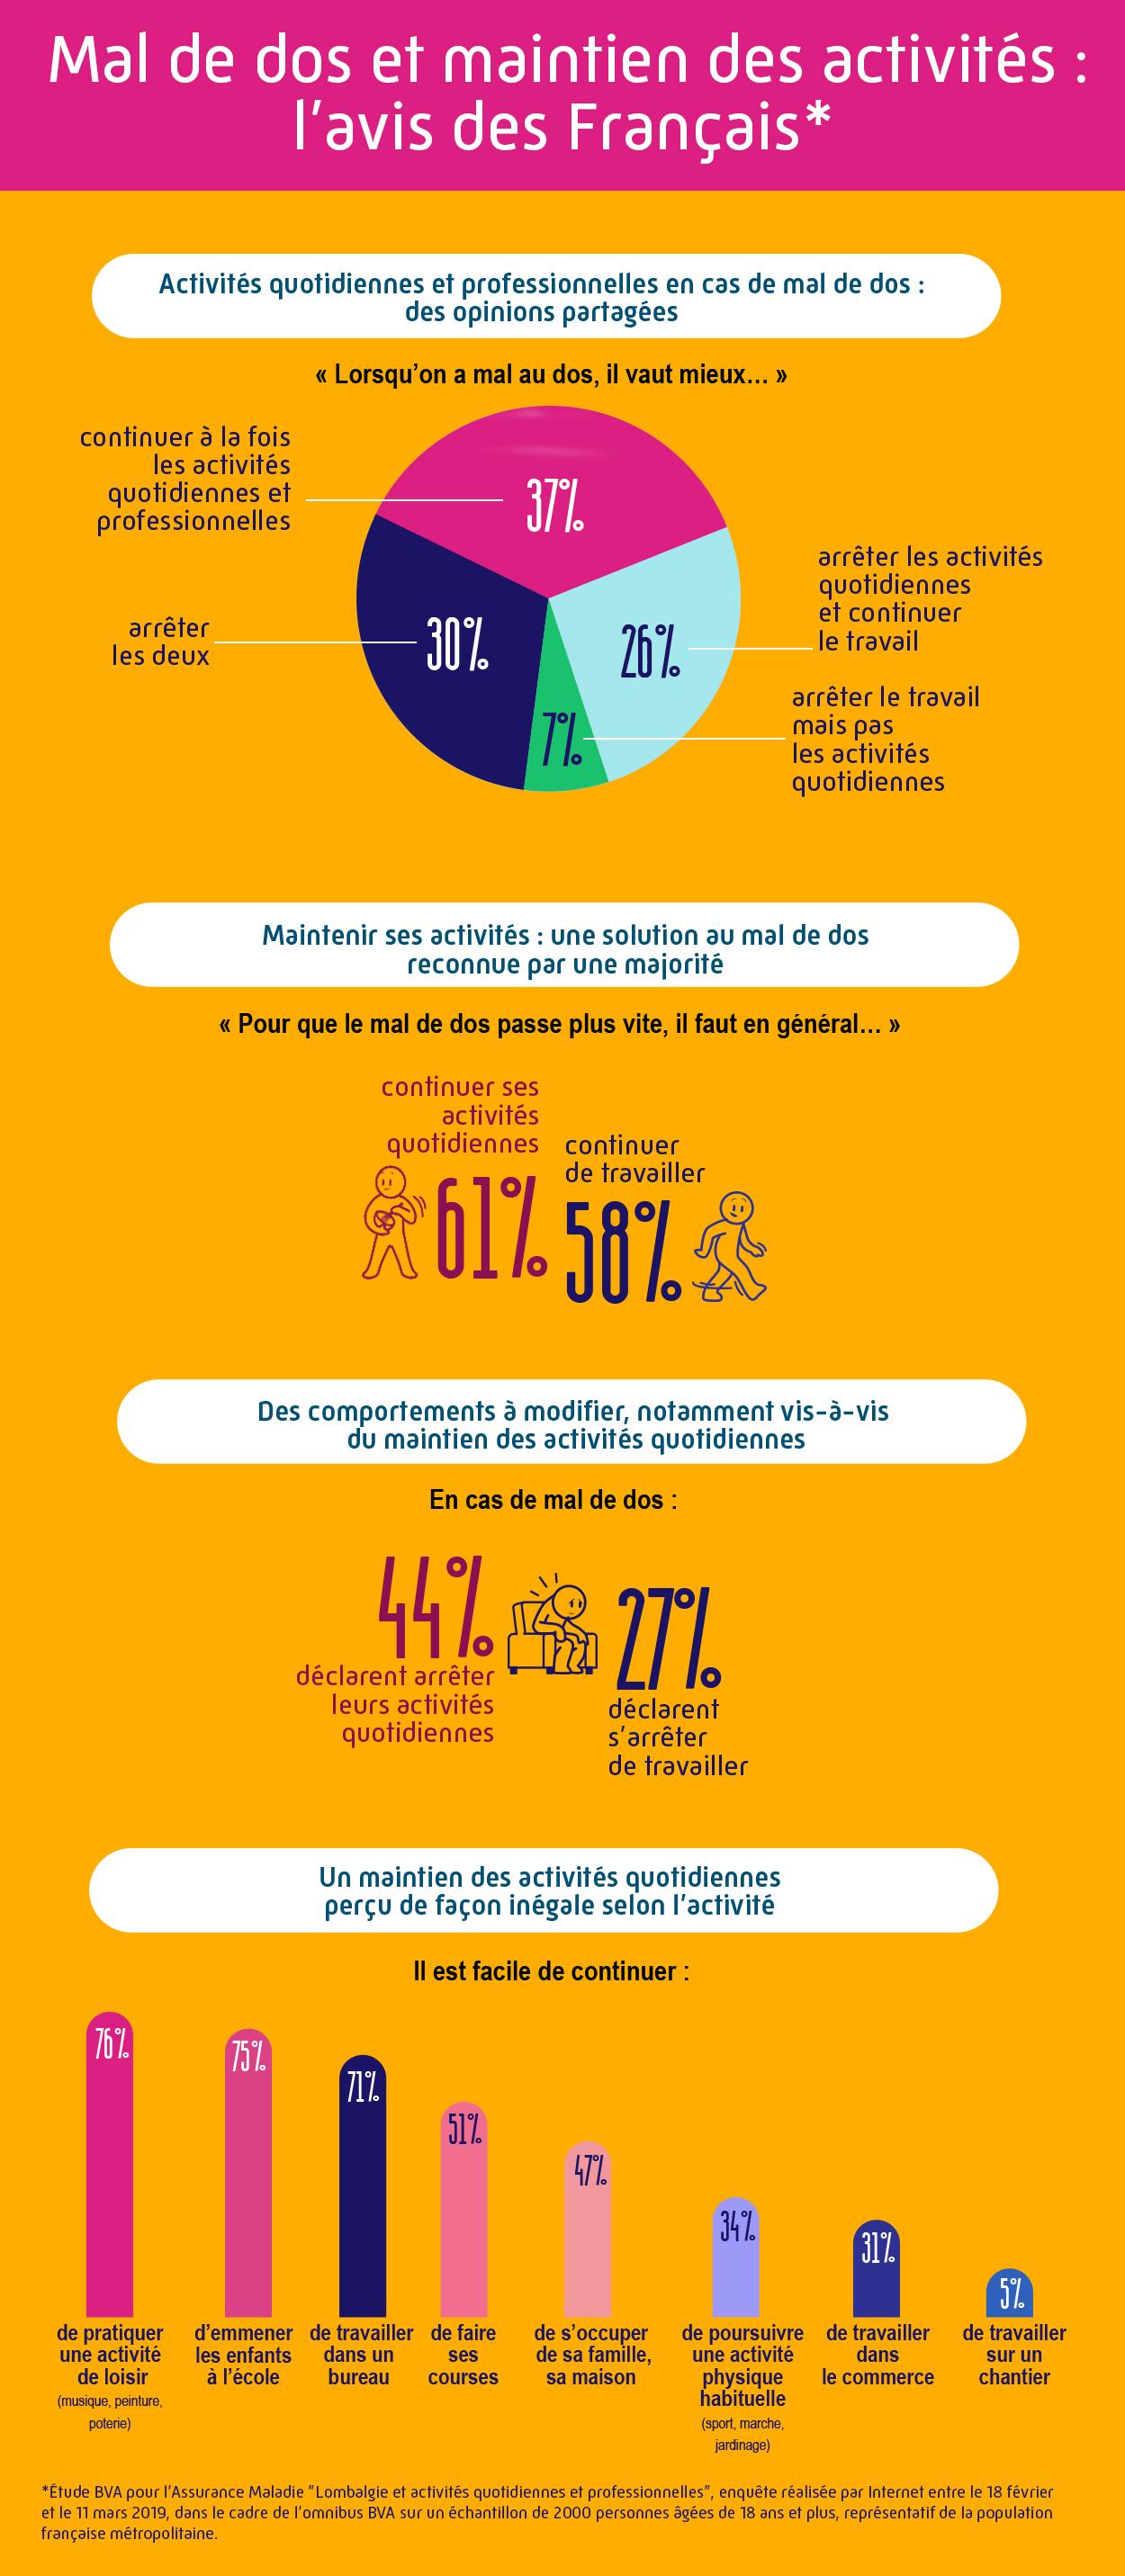 Infographie Mal de dos : ce que penses les français, transcription complète ci-dessous